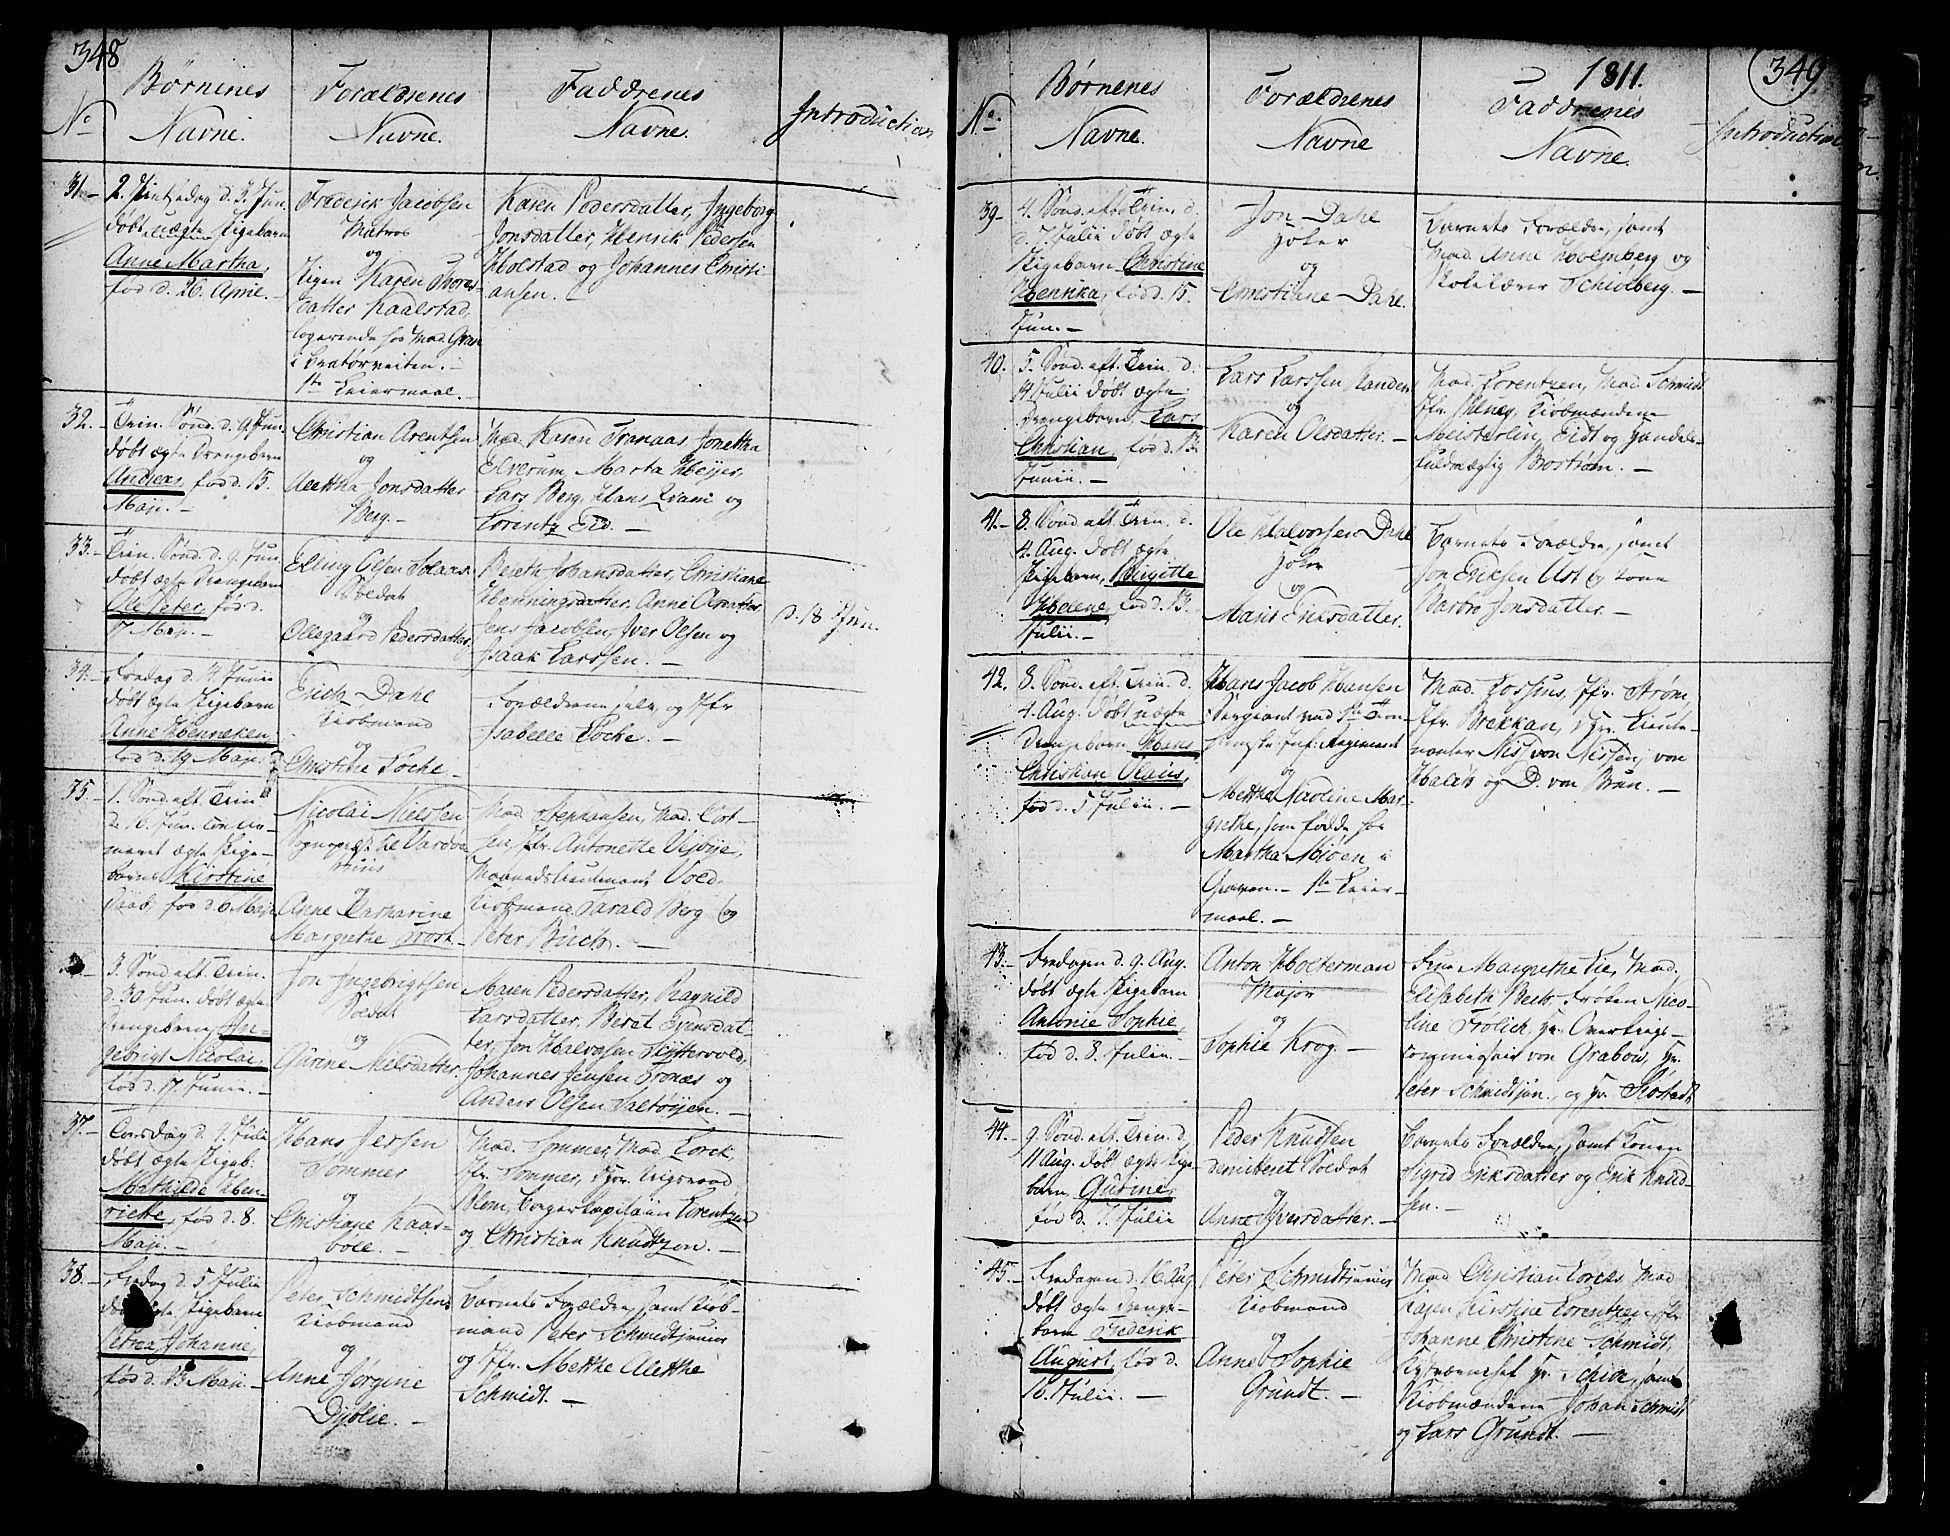 SAT, Ministerialprotokoller, klokkerbøker og fødselsregistre - Sør-Trøndelag, 602/L0104: Ministerialbok nr. 602A02, 1774-1814, s. 348-349